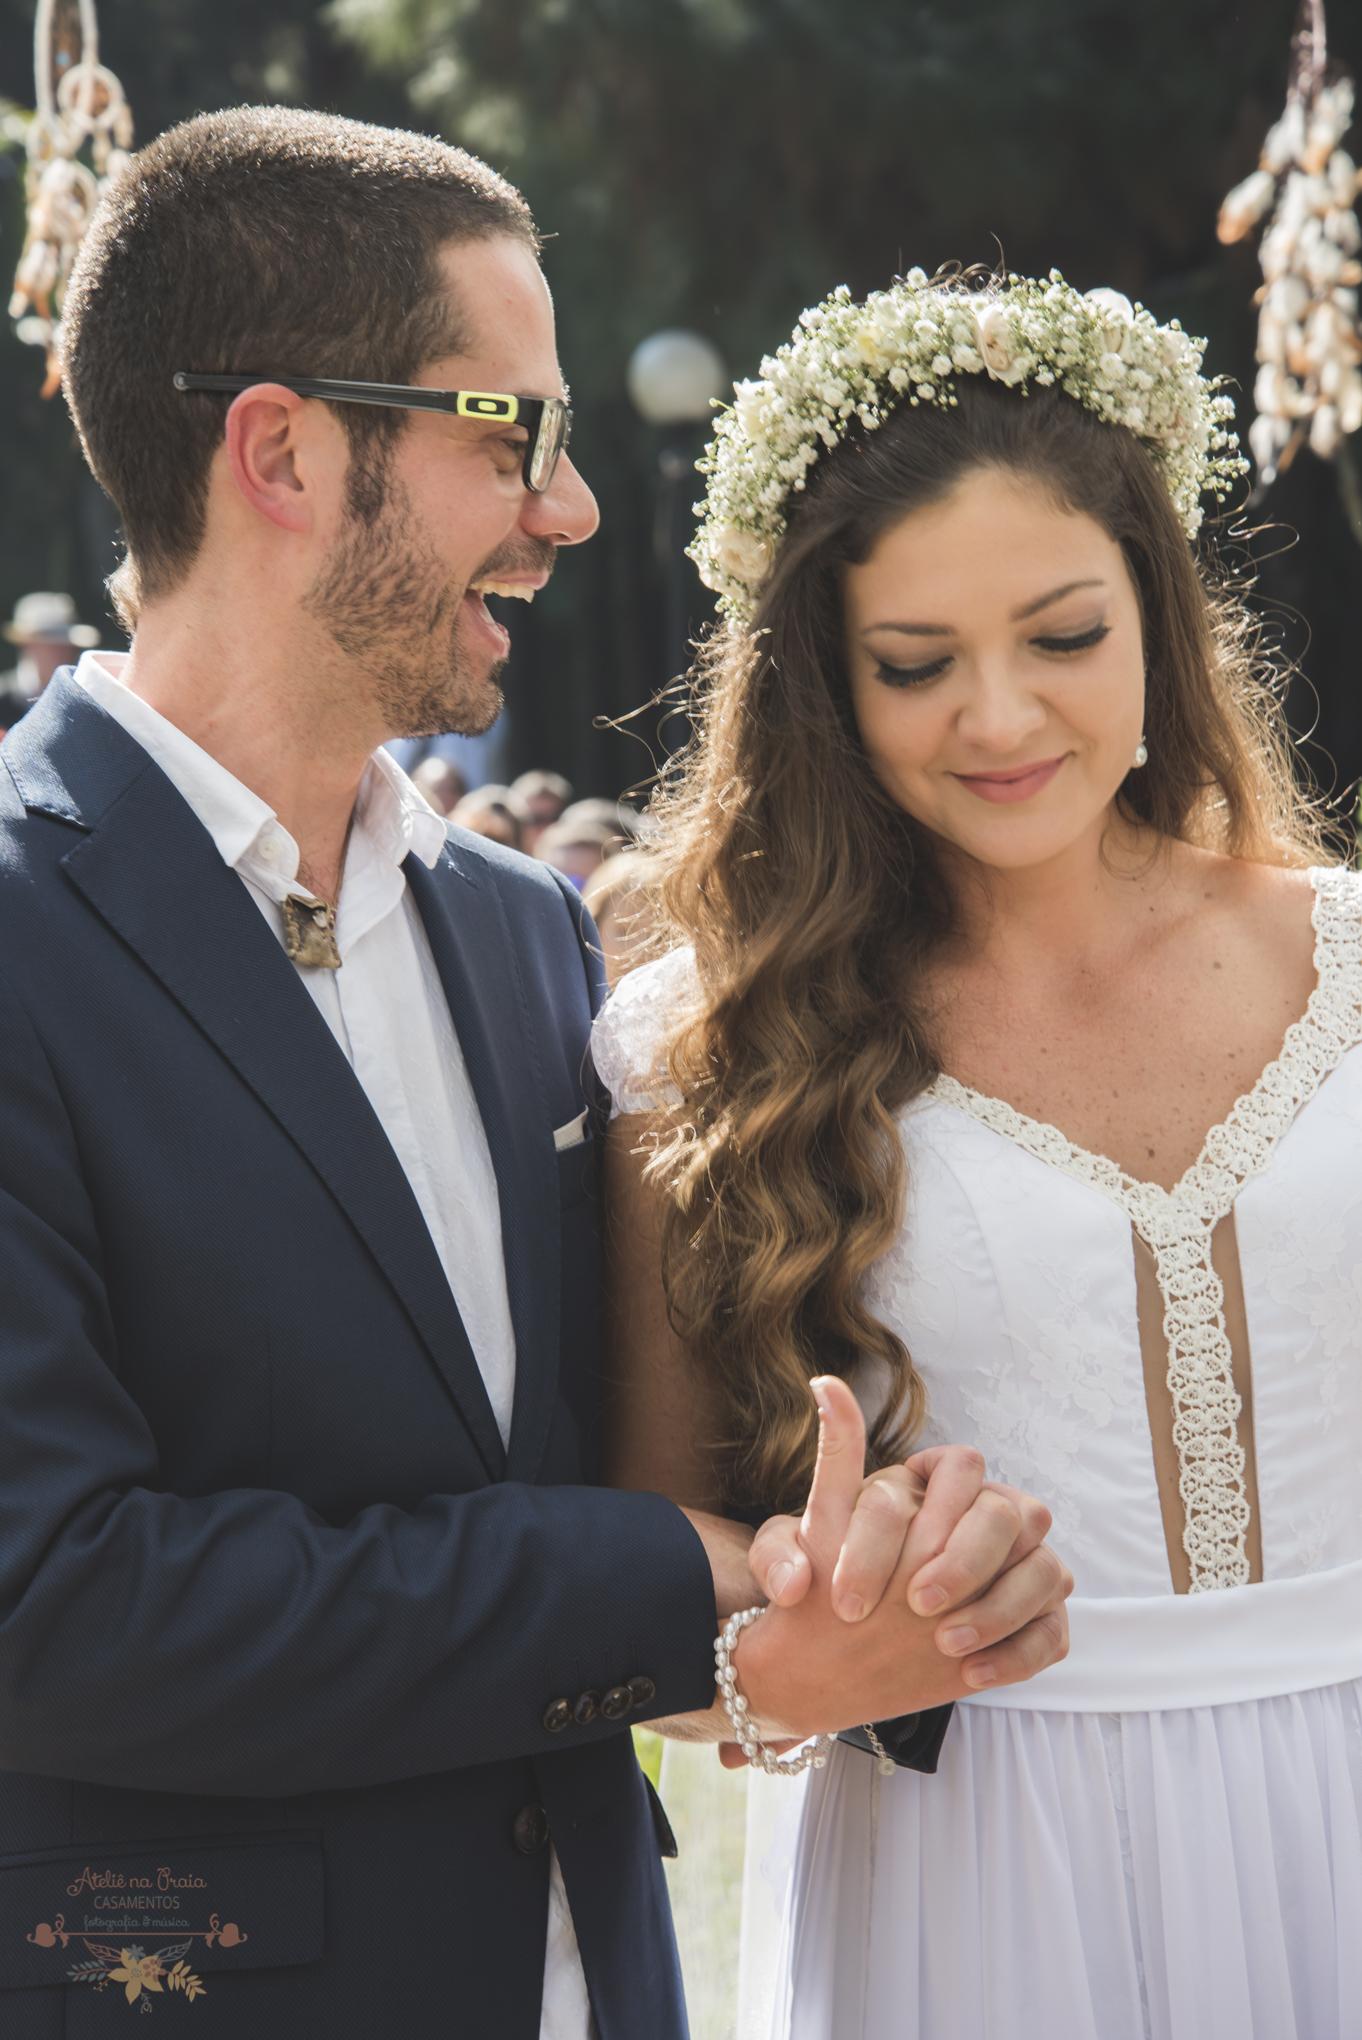 04-Cerimonia-Atelie-na-Praia-Nadine-Carlos-Casamento-5992